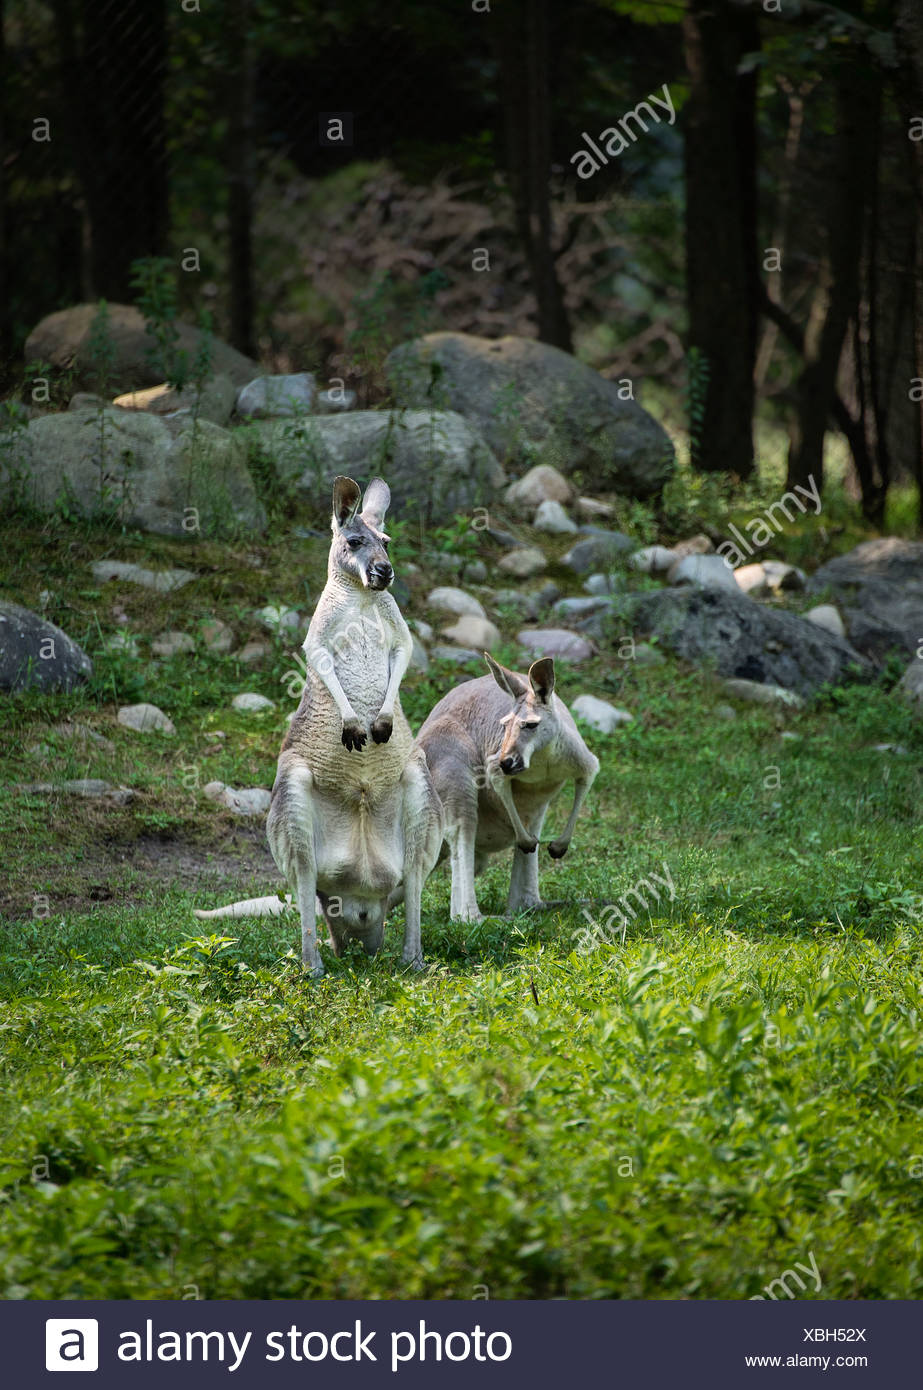 Kangaroos, Macropodidae, marsupial, marsupium - Stock Image